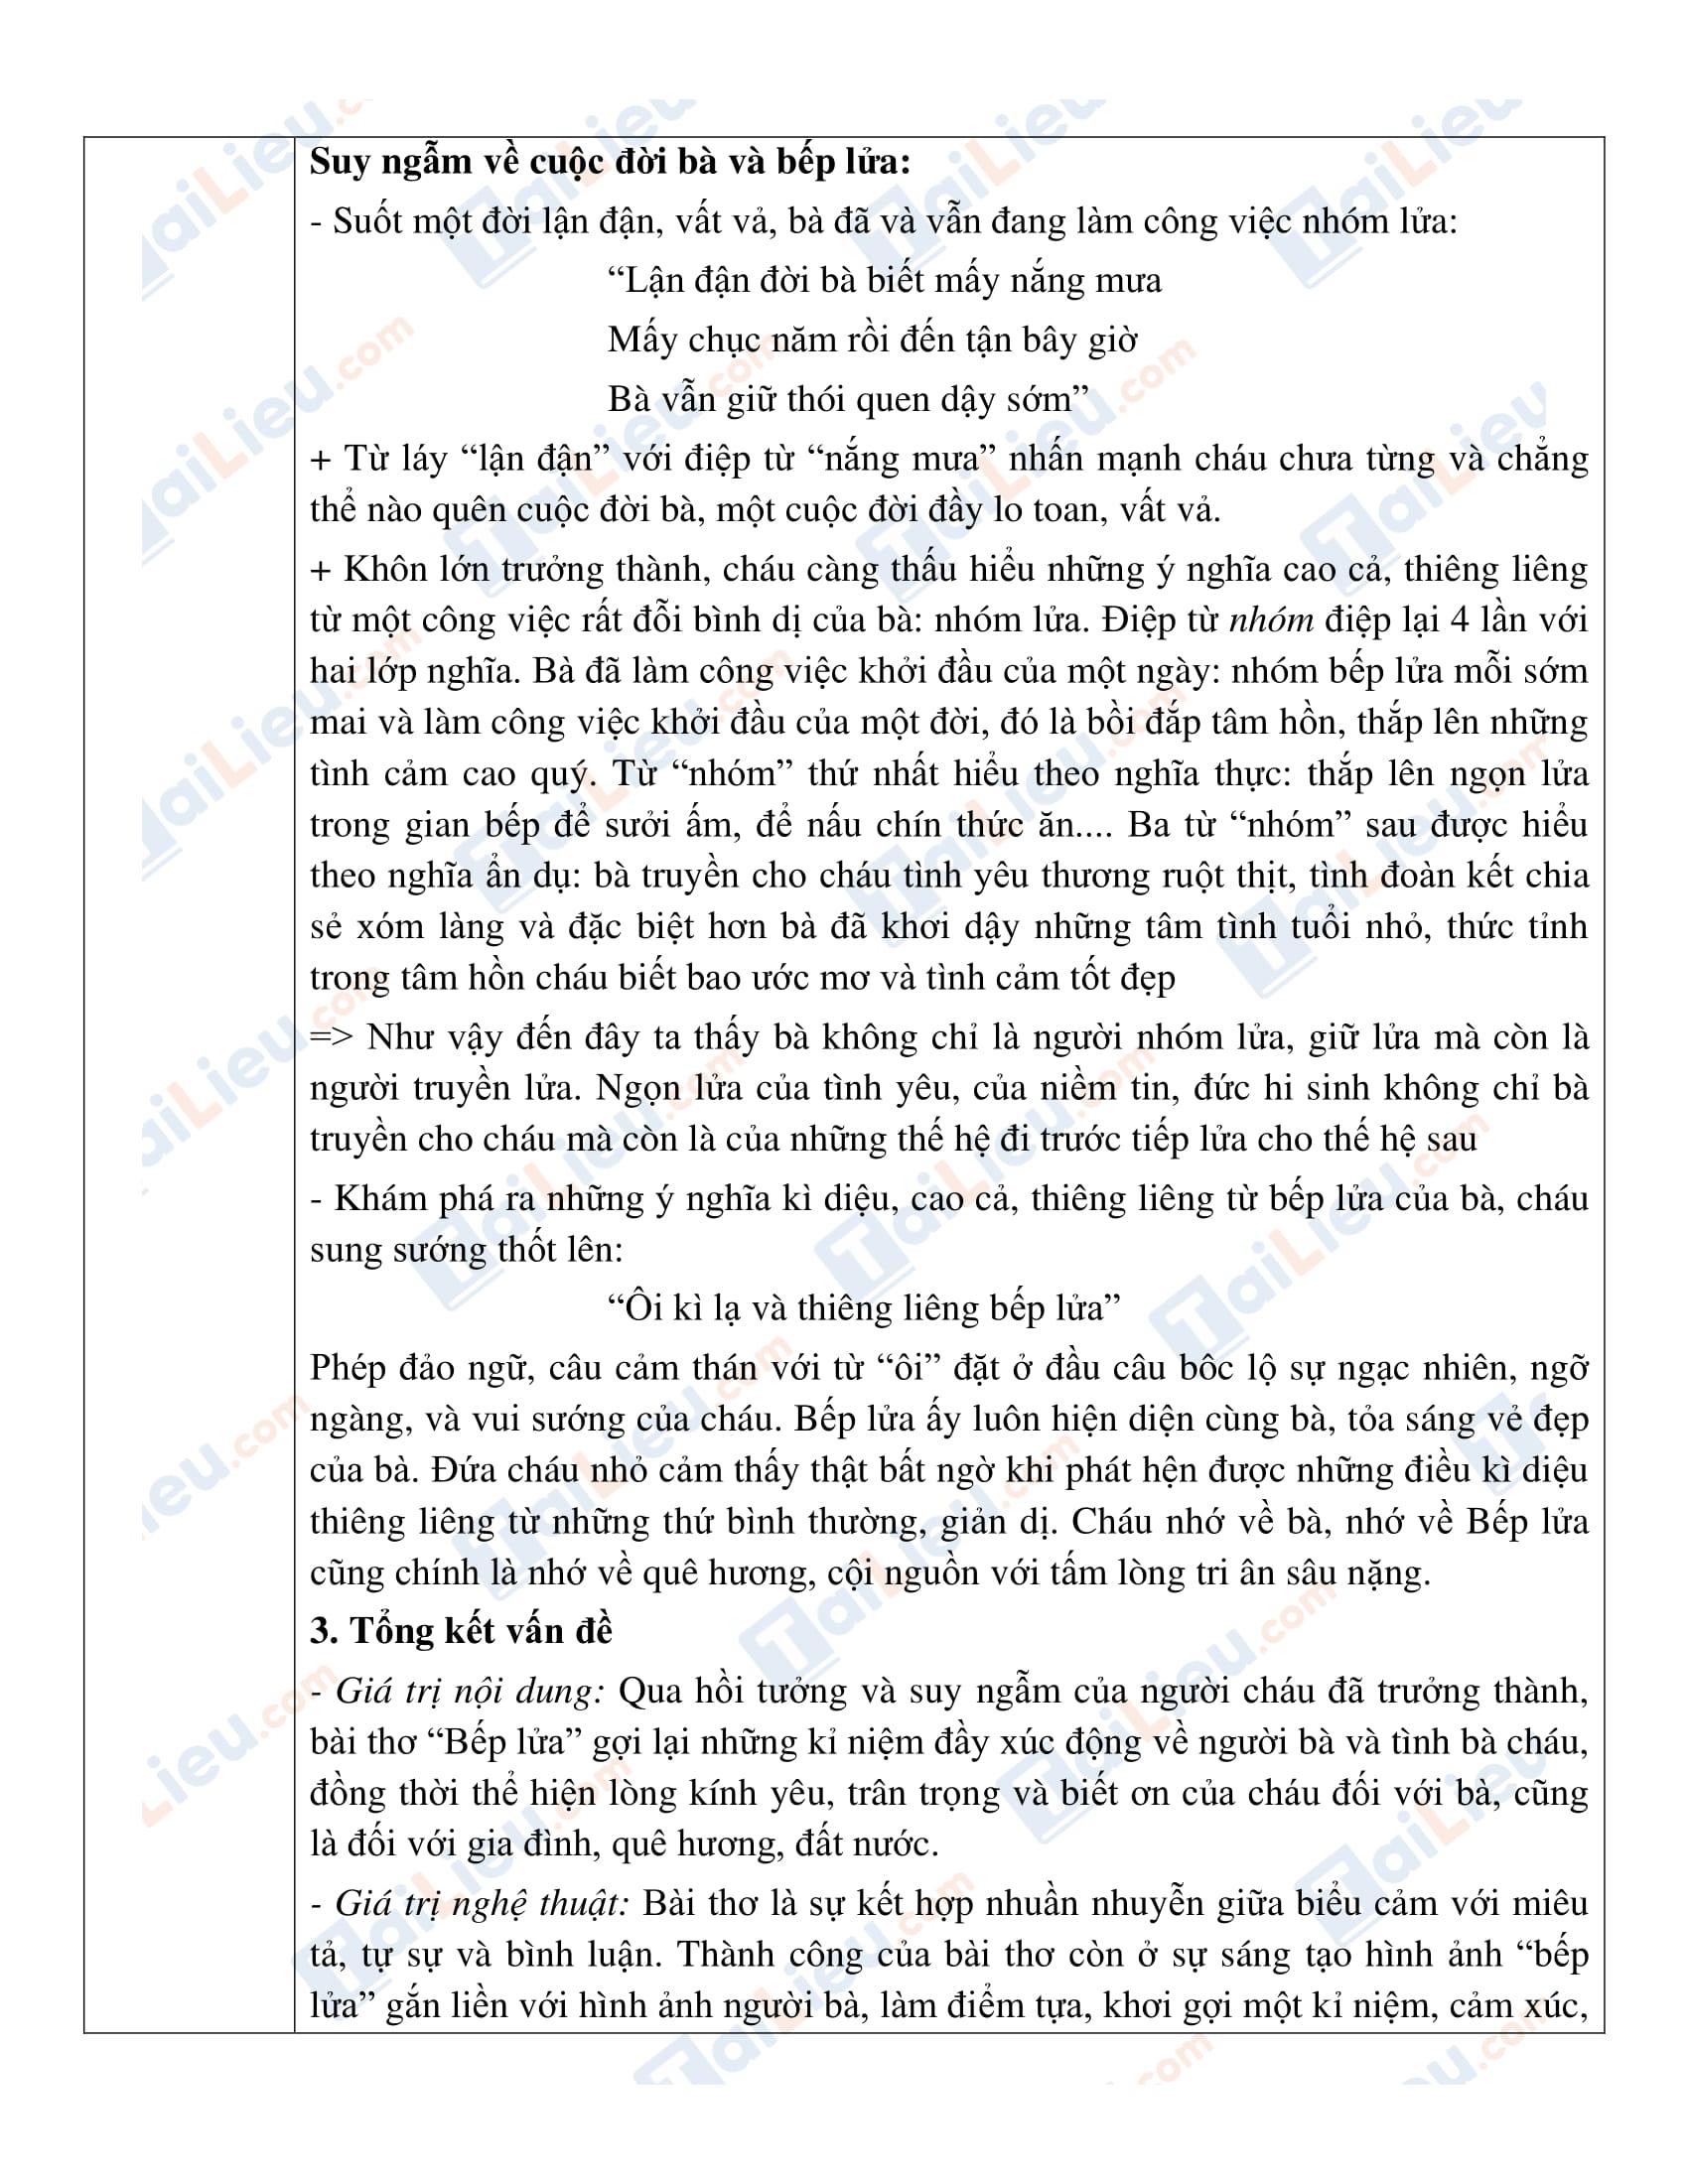 Đáp án Đề thi vào lớp 10 môn Văn Thái Bình 2020_3